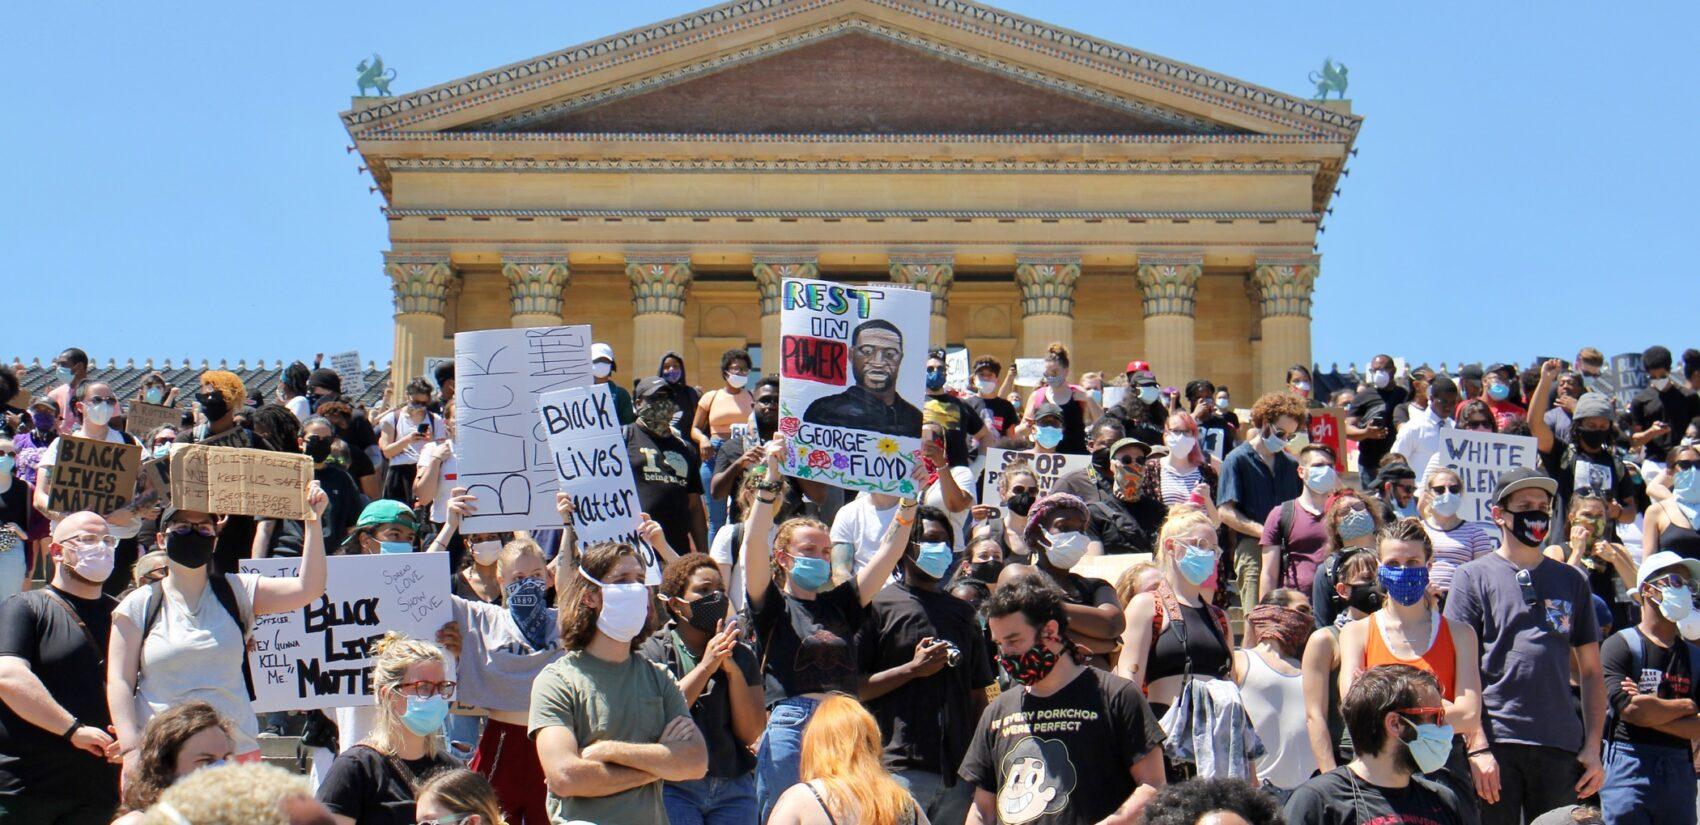 Hundreds rally on the steps of the Philadelphia art museum